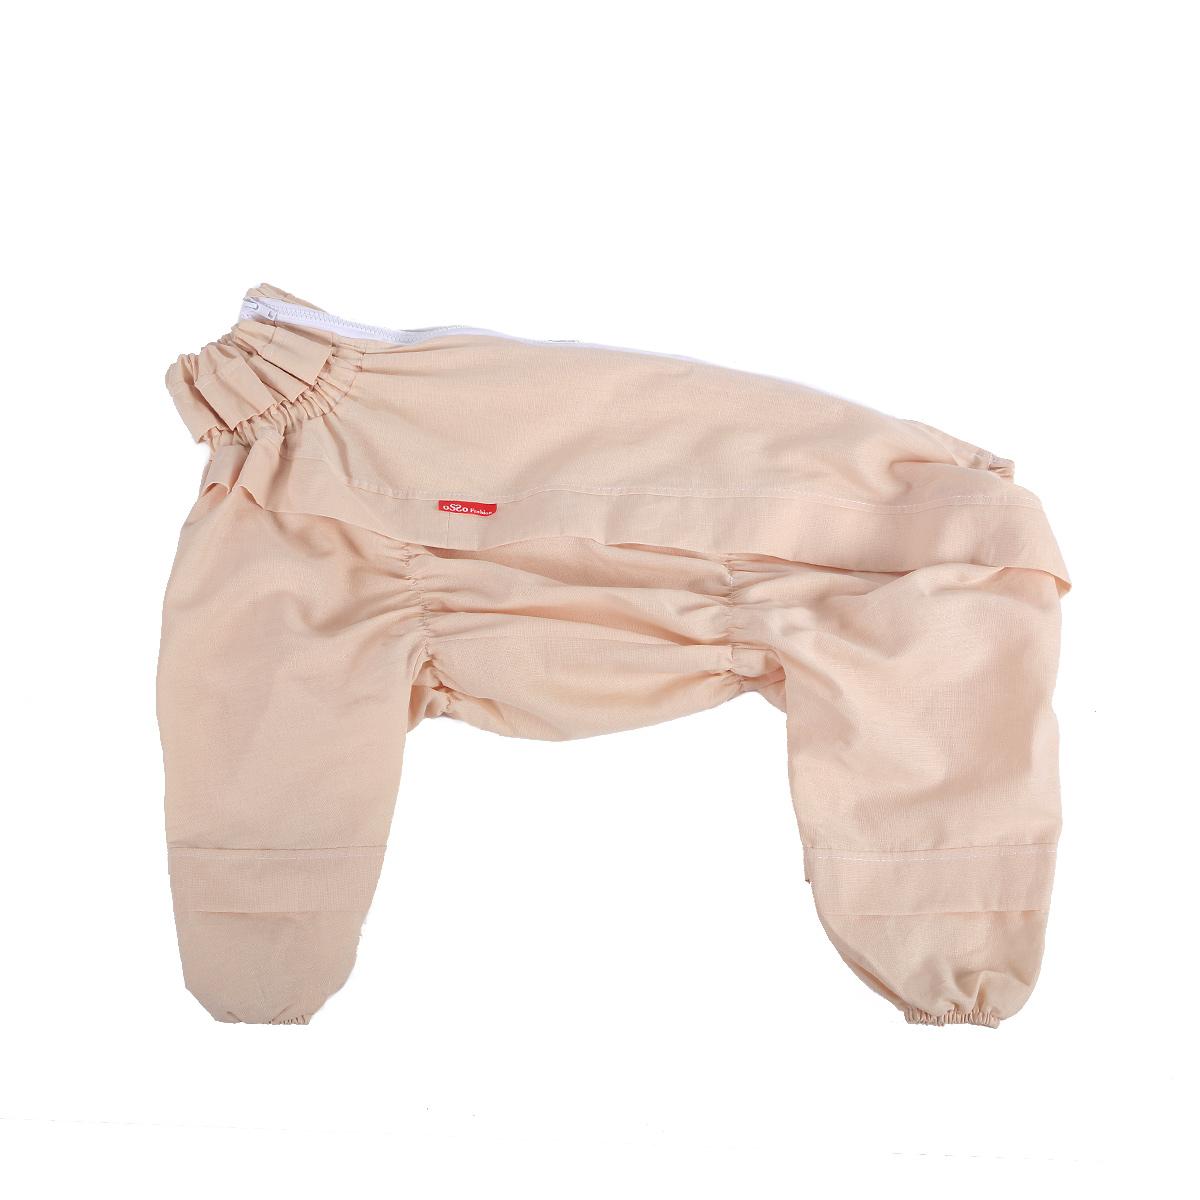 Комбинезон для собак OSSO Fashion, от клещей, для девочки, цвет: бежевый. Размер 40DM-140551_коричневаяКомбинезон для собак OSSO Fashion изготовлен из 100% хлопка, имеет светлую расцветку, на которой сразу будут заметны кровососущие насекомые. Комбинезон предназначен для защиты собак во время прогулок по парку и лесу. Разработан с учетом особенностей поведения клещей. На комбинезоне имеются складки-ловушки на груди, на штанинах, на боках комбинезона и на шее, которые преграждают движение насекомого вверх. Комбинезон очень легкий и удобный. Низ штанин на резинке, на спине застегивается на молнию.Длина спинки: 40 см.Объем груди: 50-68 см.